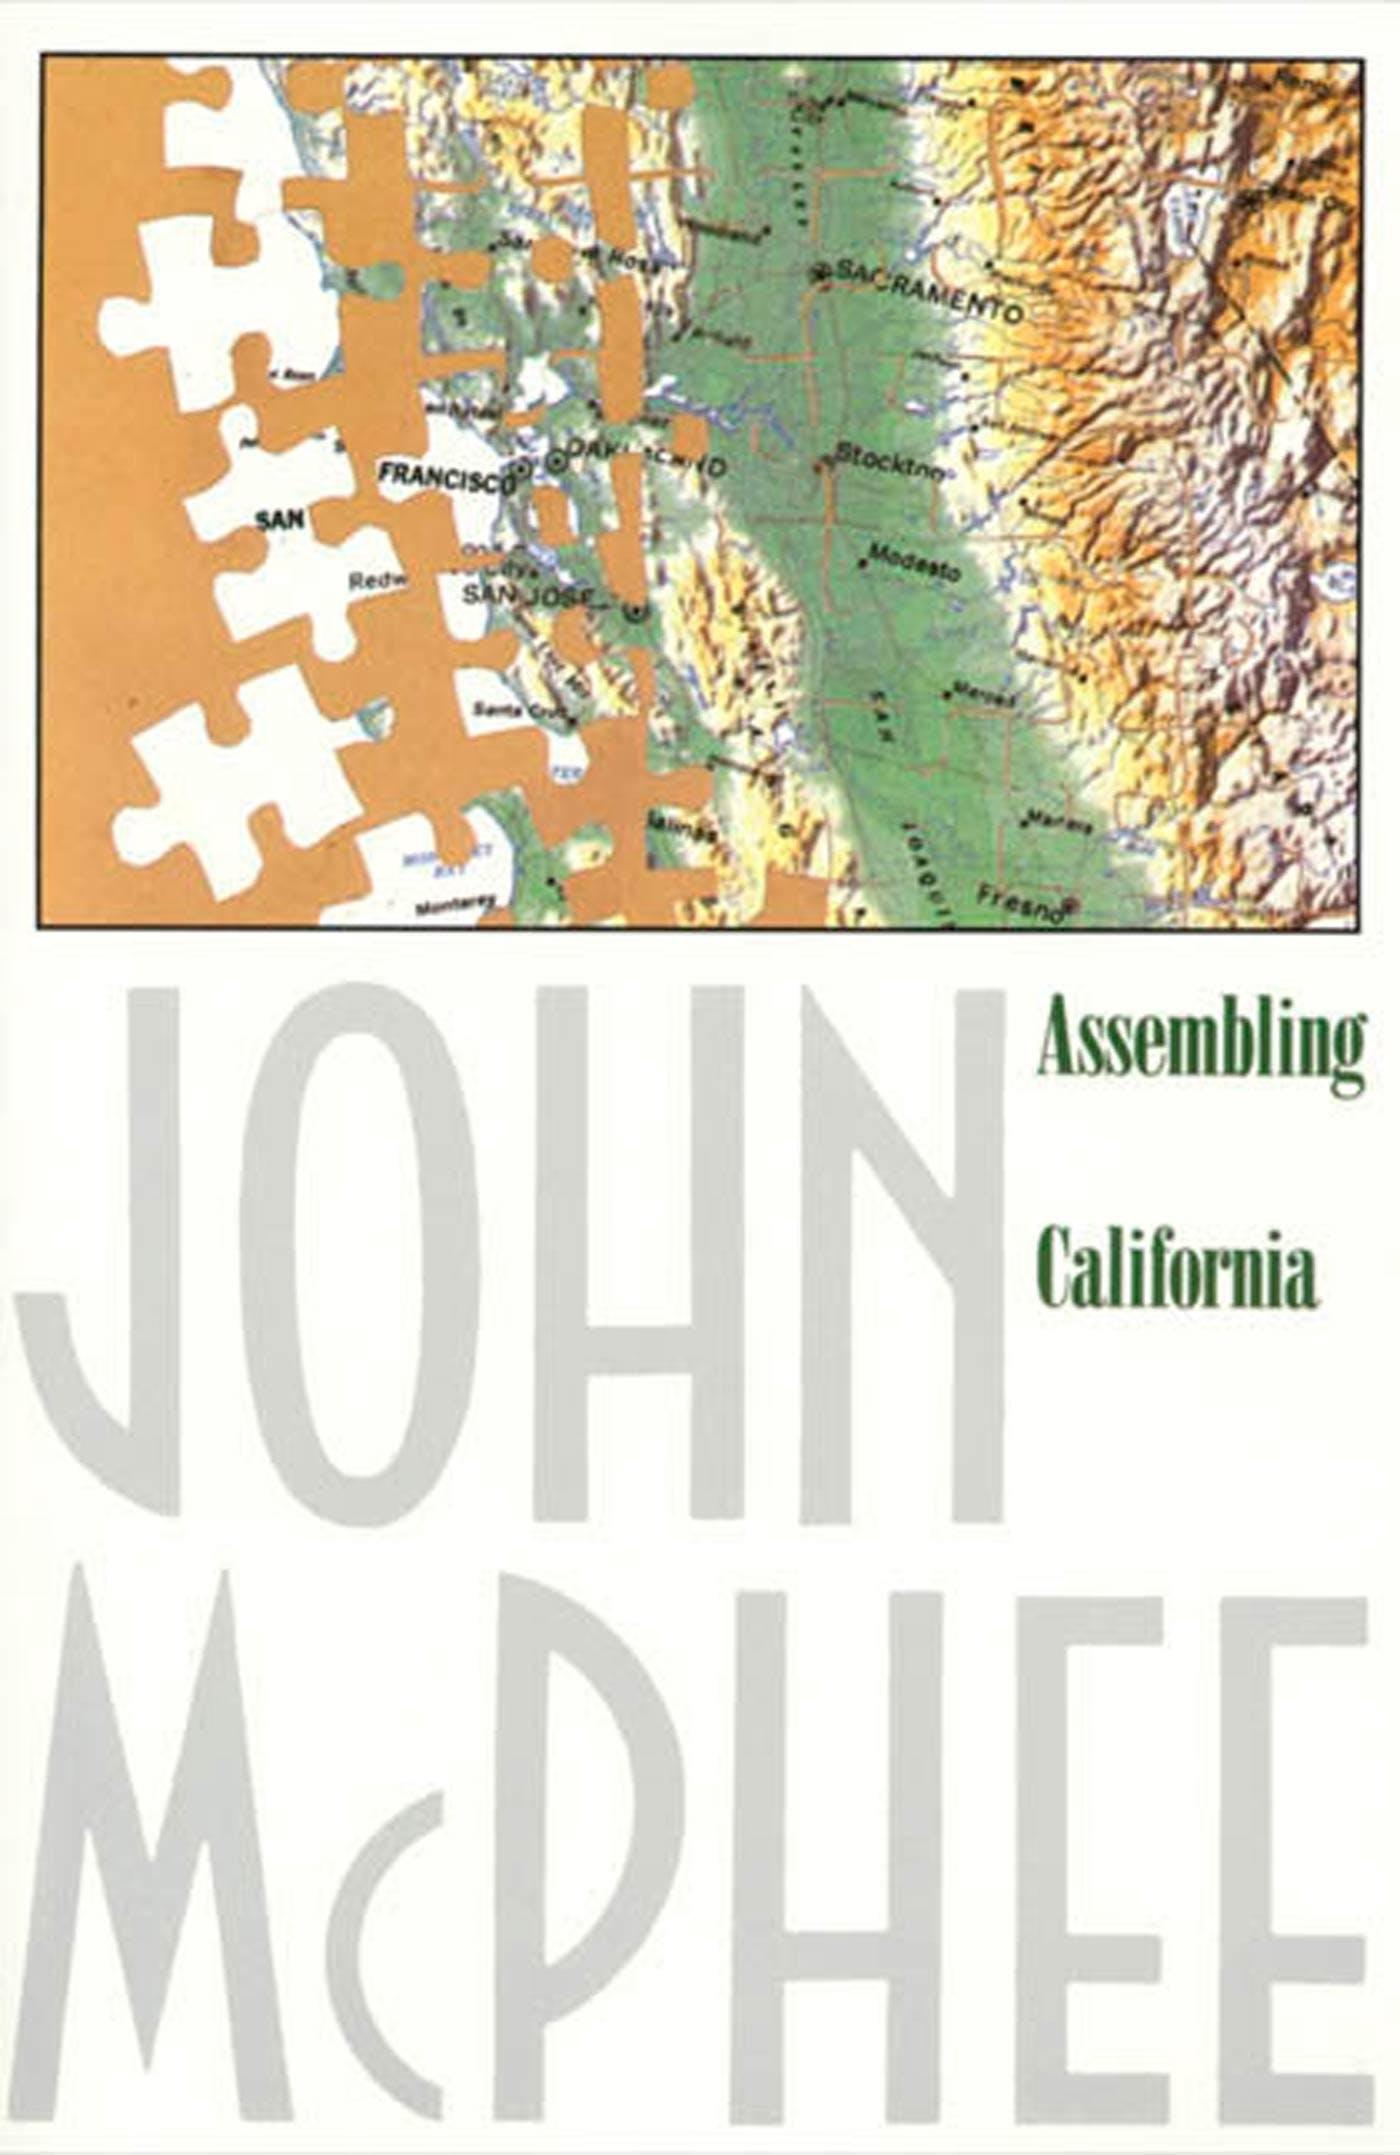 Image of Assembling California